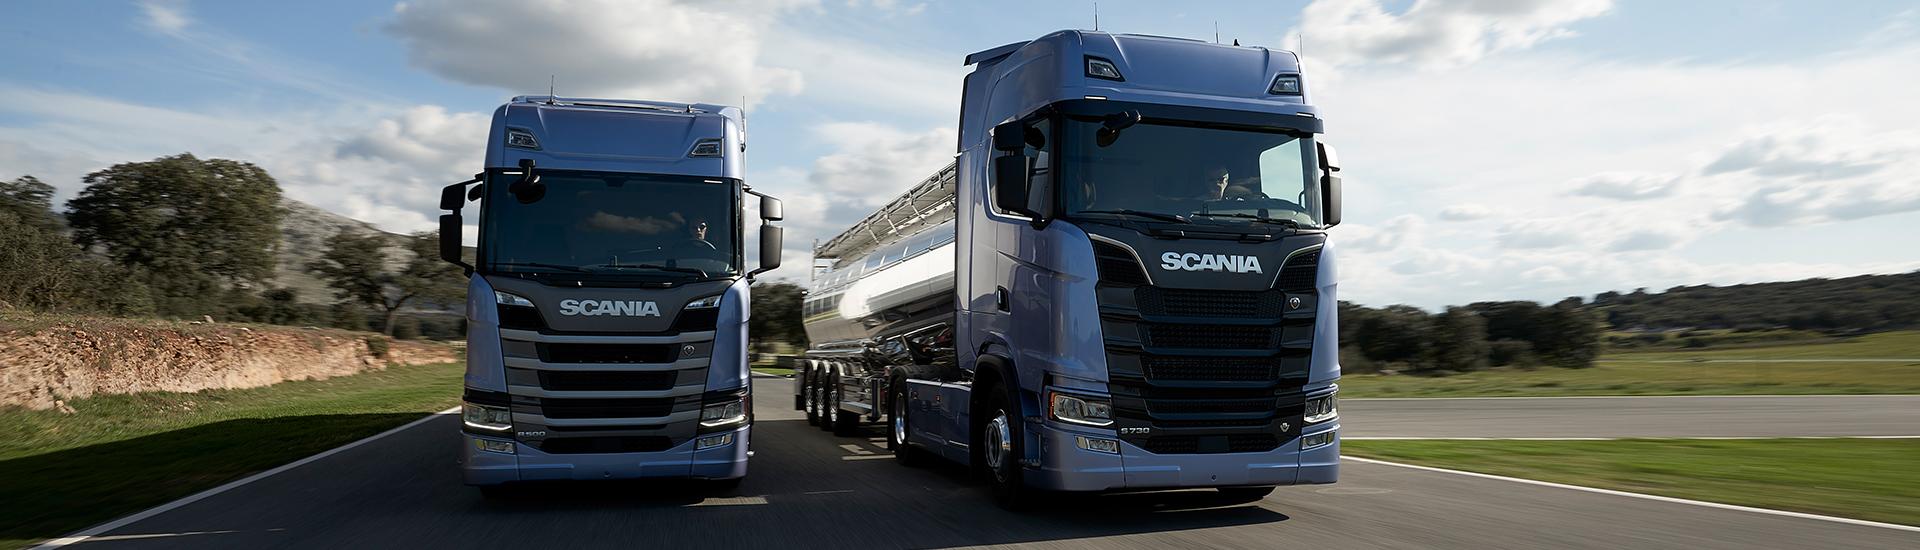 Missa inte Scaniaparaden den 26 augusti!